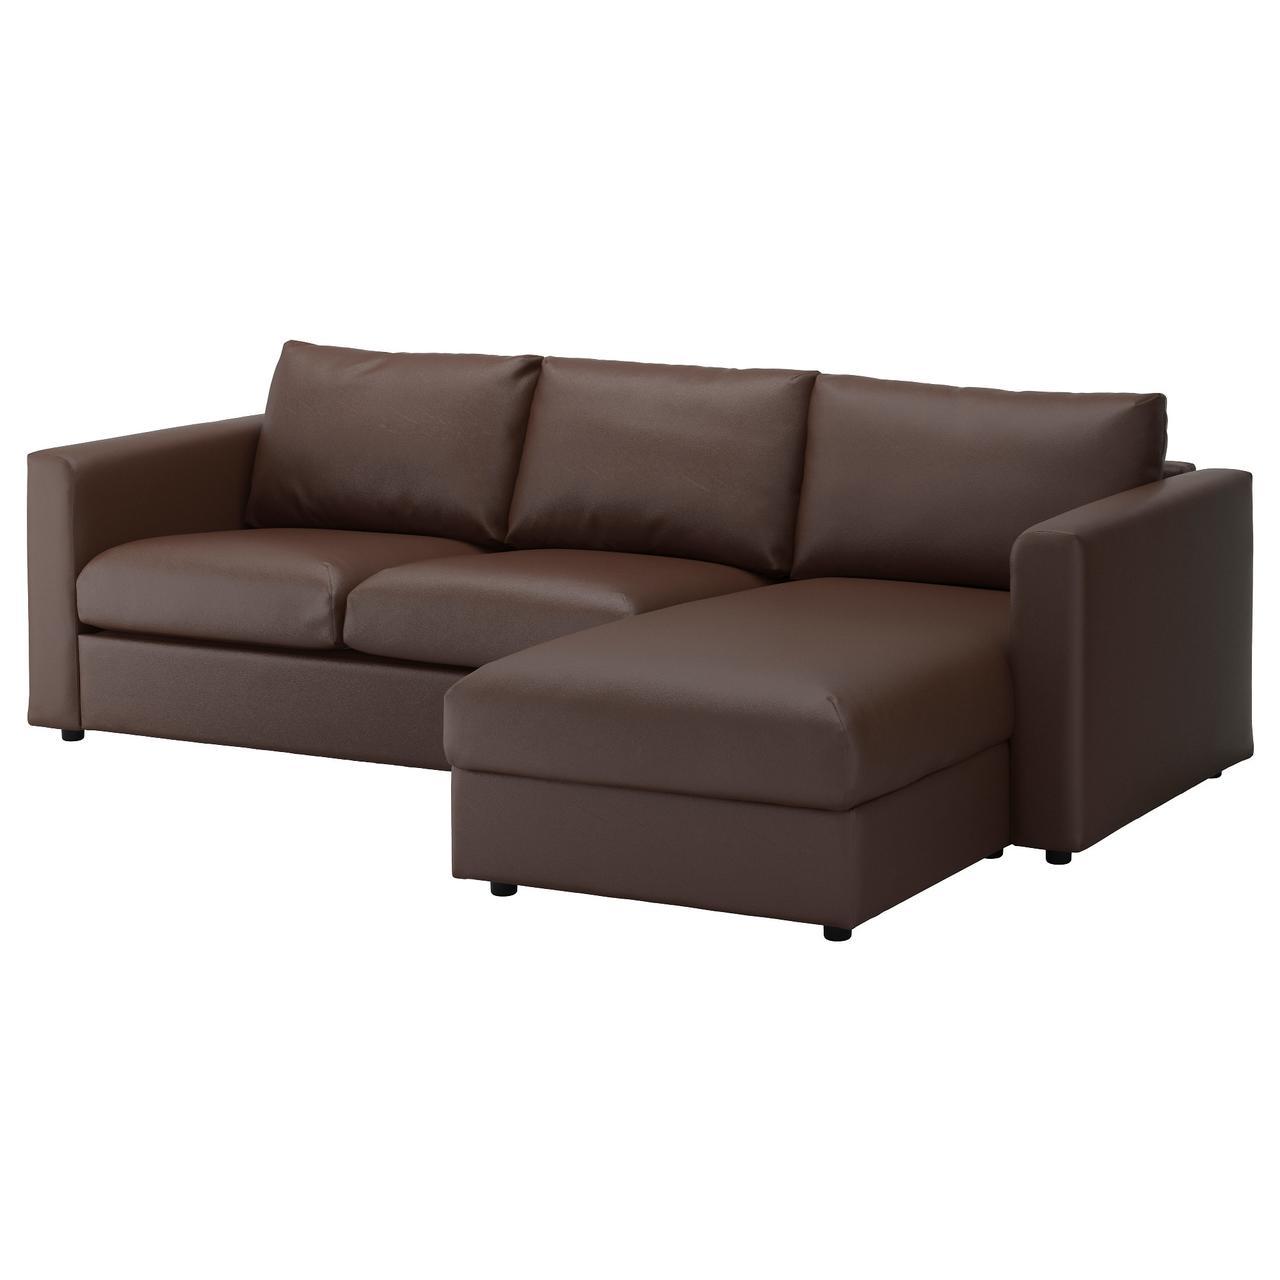 ВИМЛЕ 3-местный диван, с козеткой, Фарста темно-коричневый